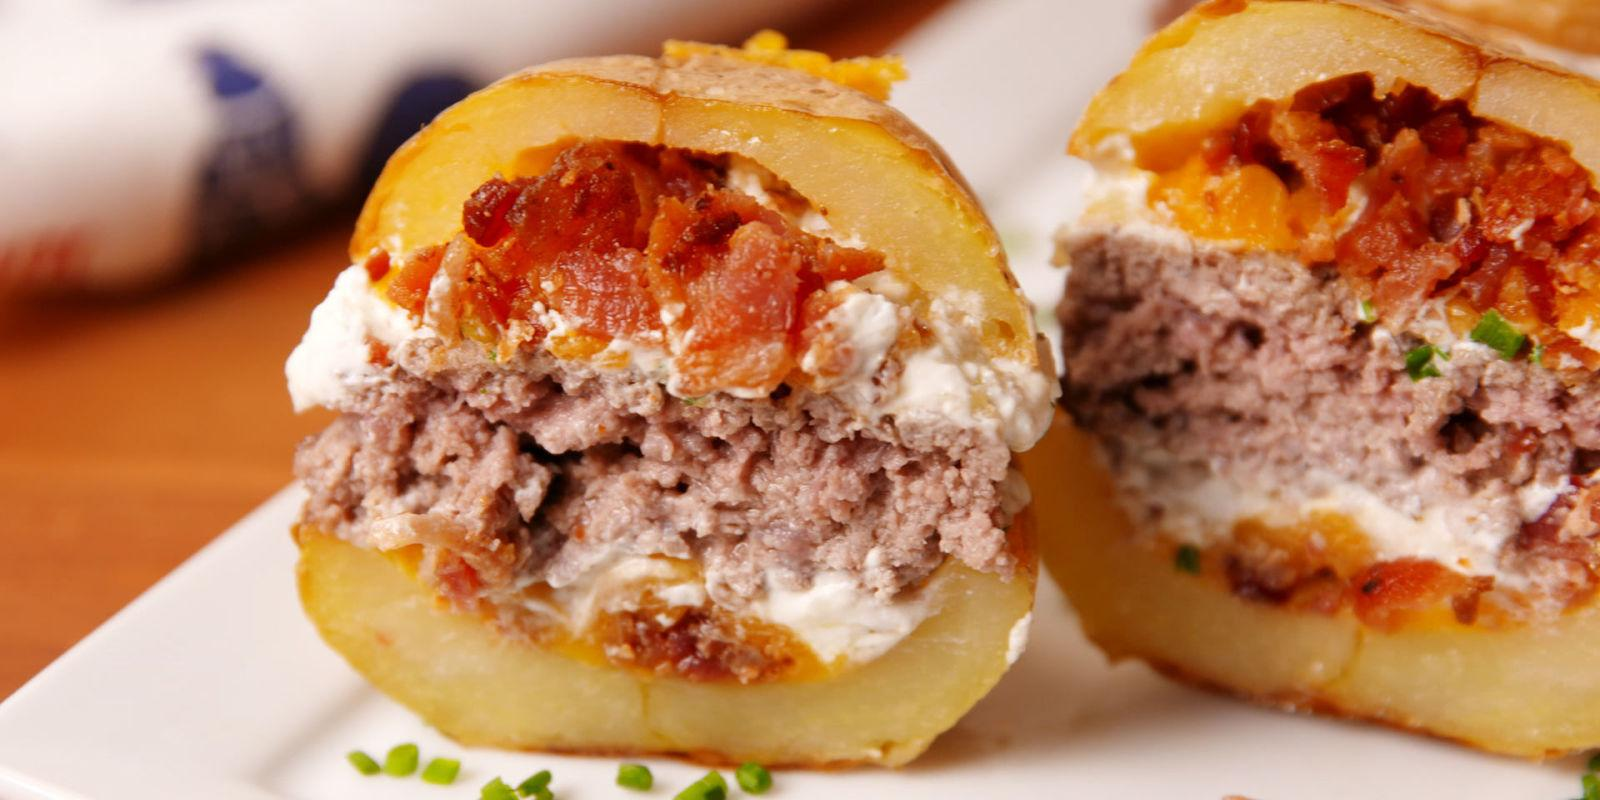 Evde Lezzetli Hamburger Yapmanın Zor Olduğunu Düşünenler İçin 11 Lezzetli Hamburger Tarifi 72